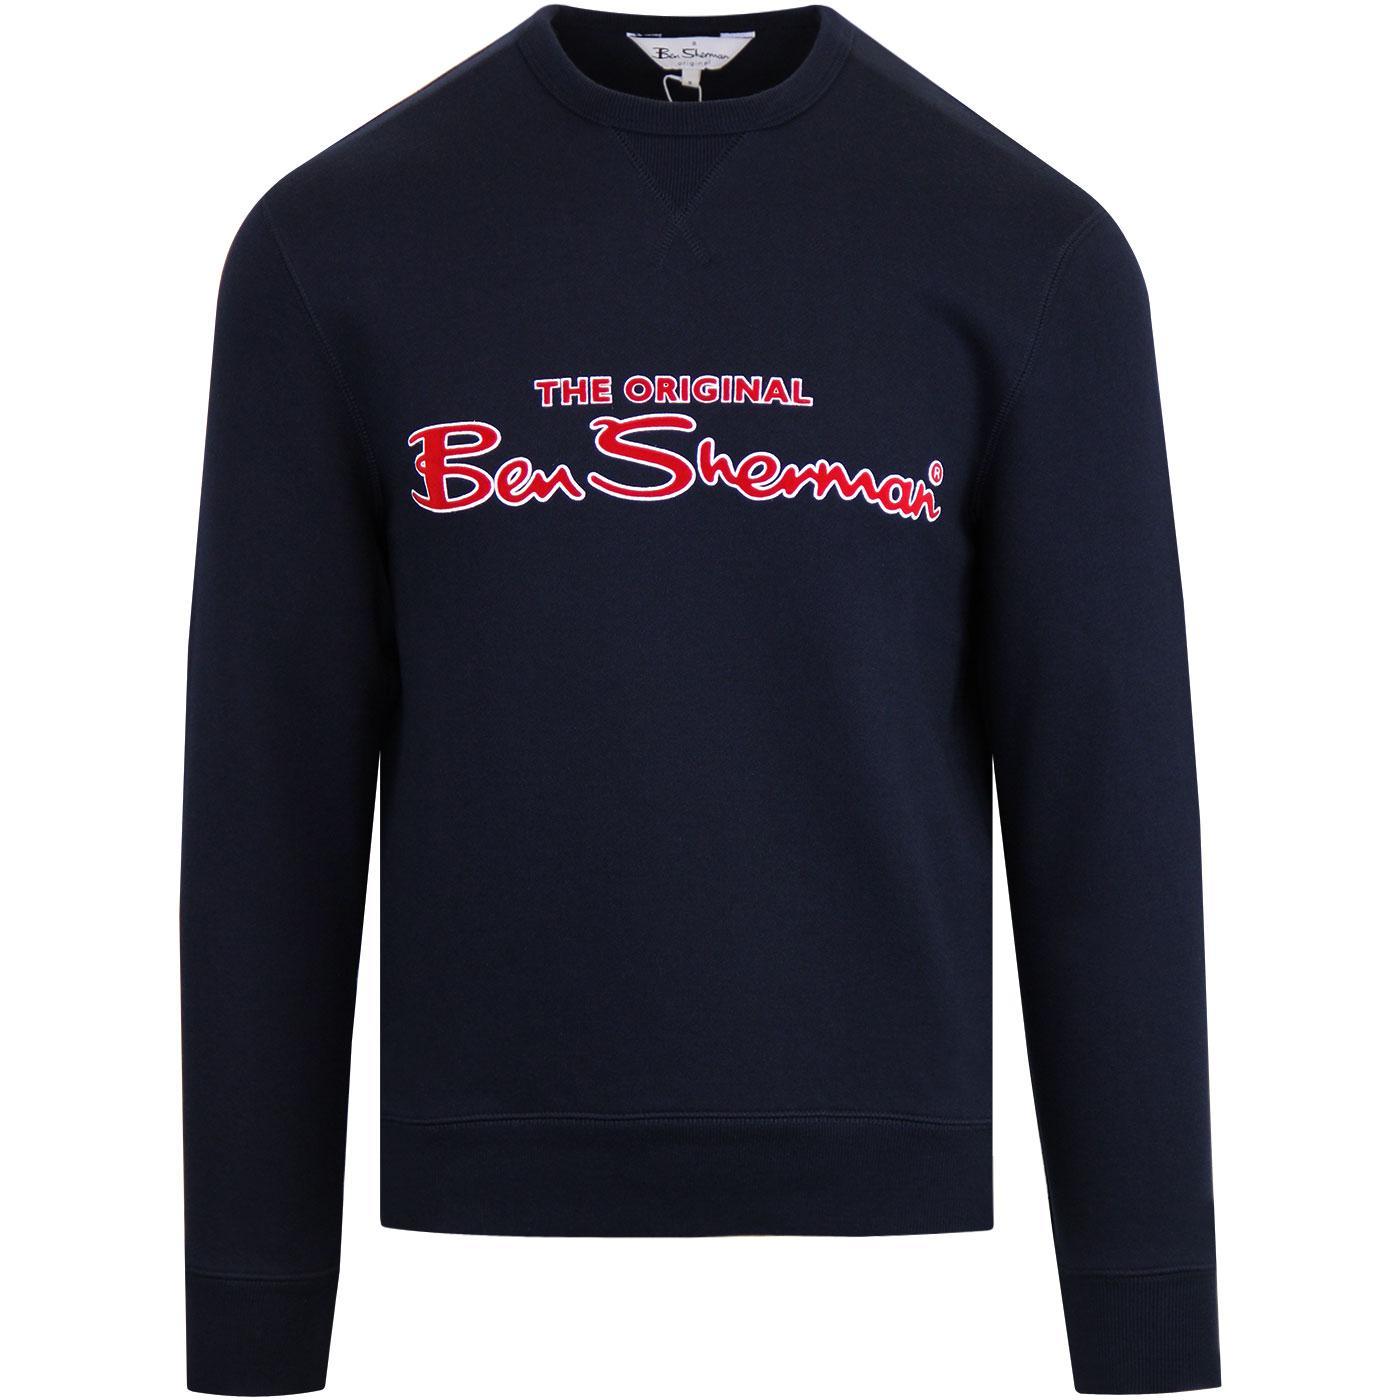 BEN SHERMAN Retro 90s Archive Sweatshirt NAVY